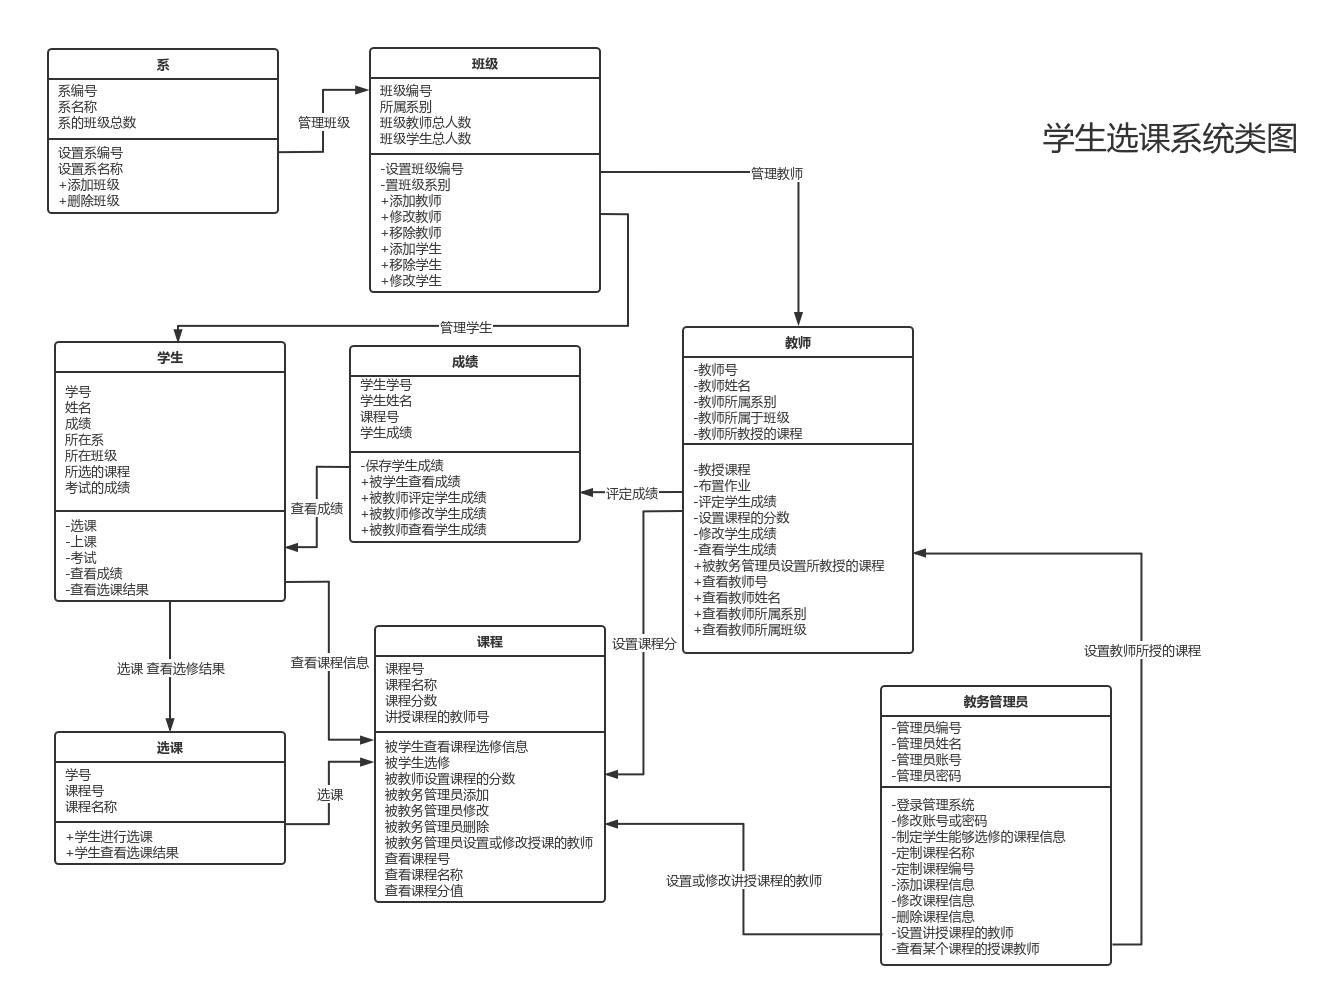 学生选课系统类图